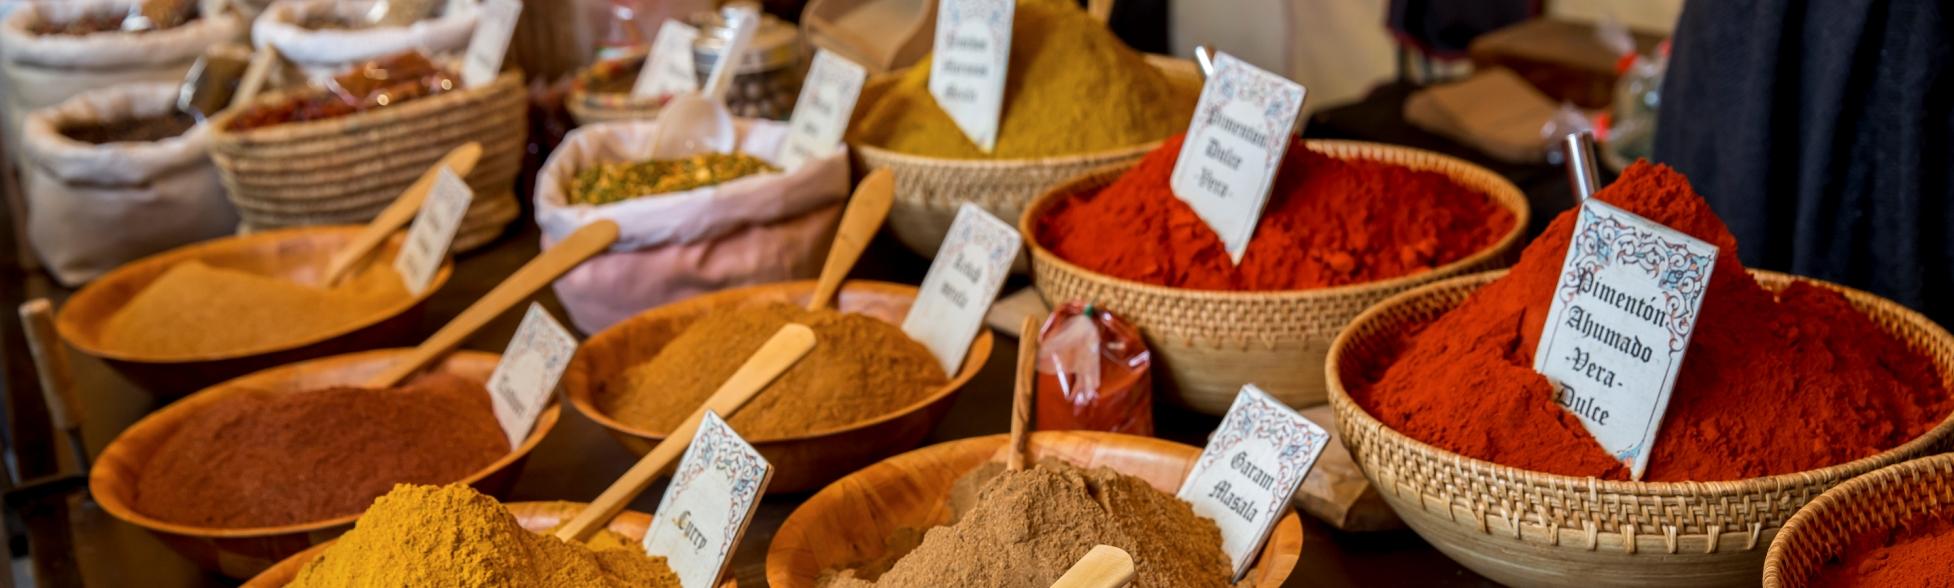 Comprar Azafran | Comprar especias Online